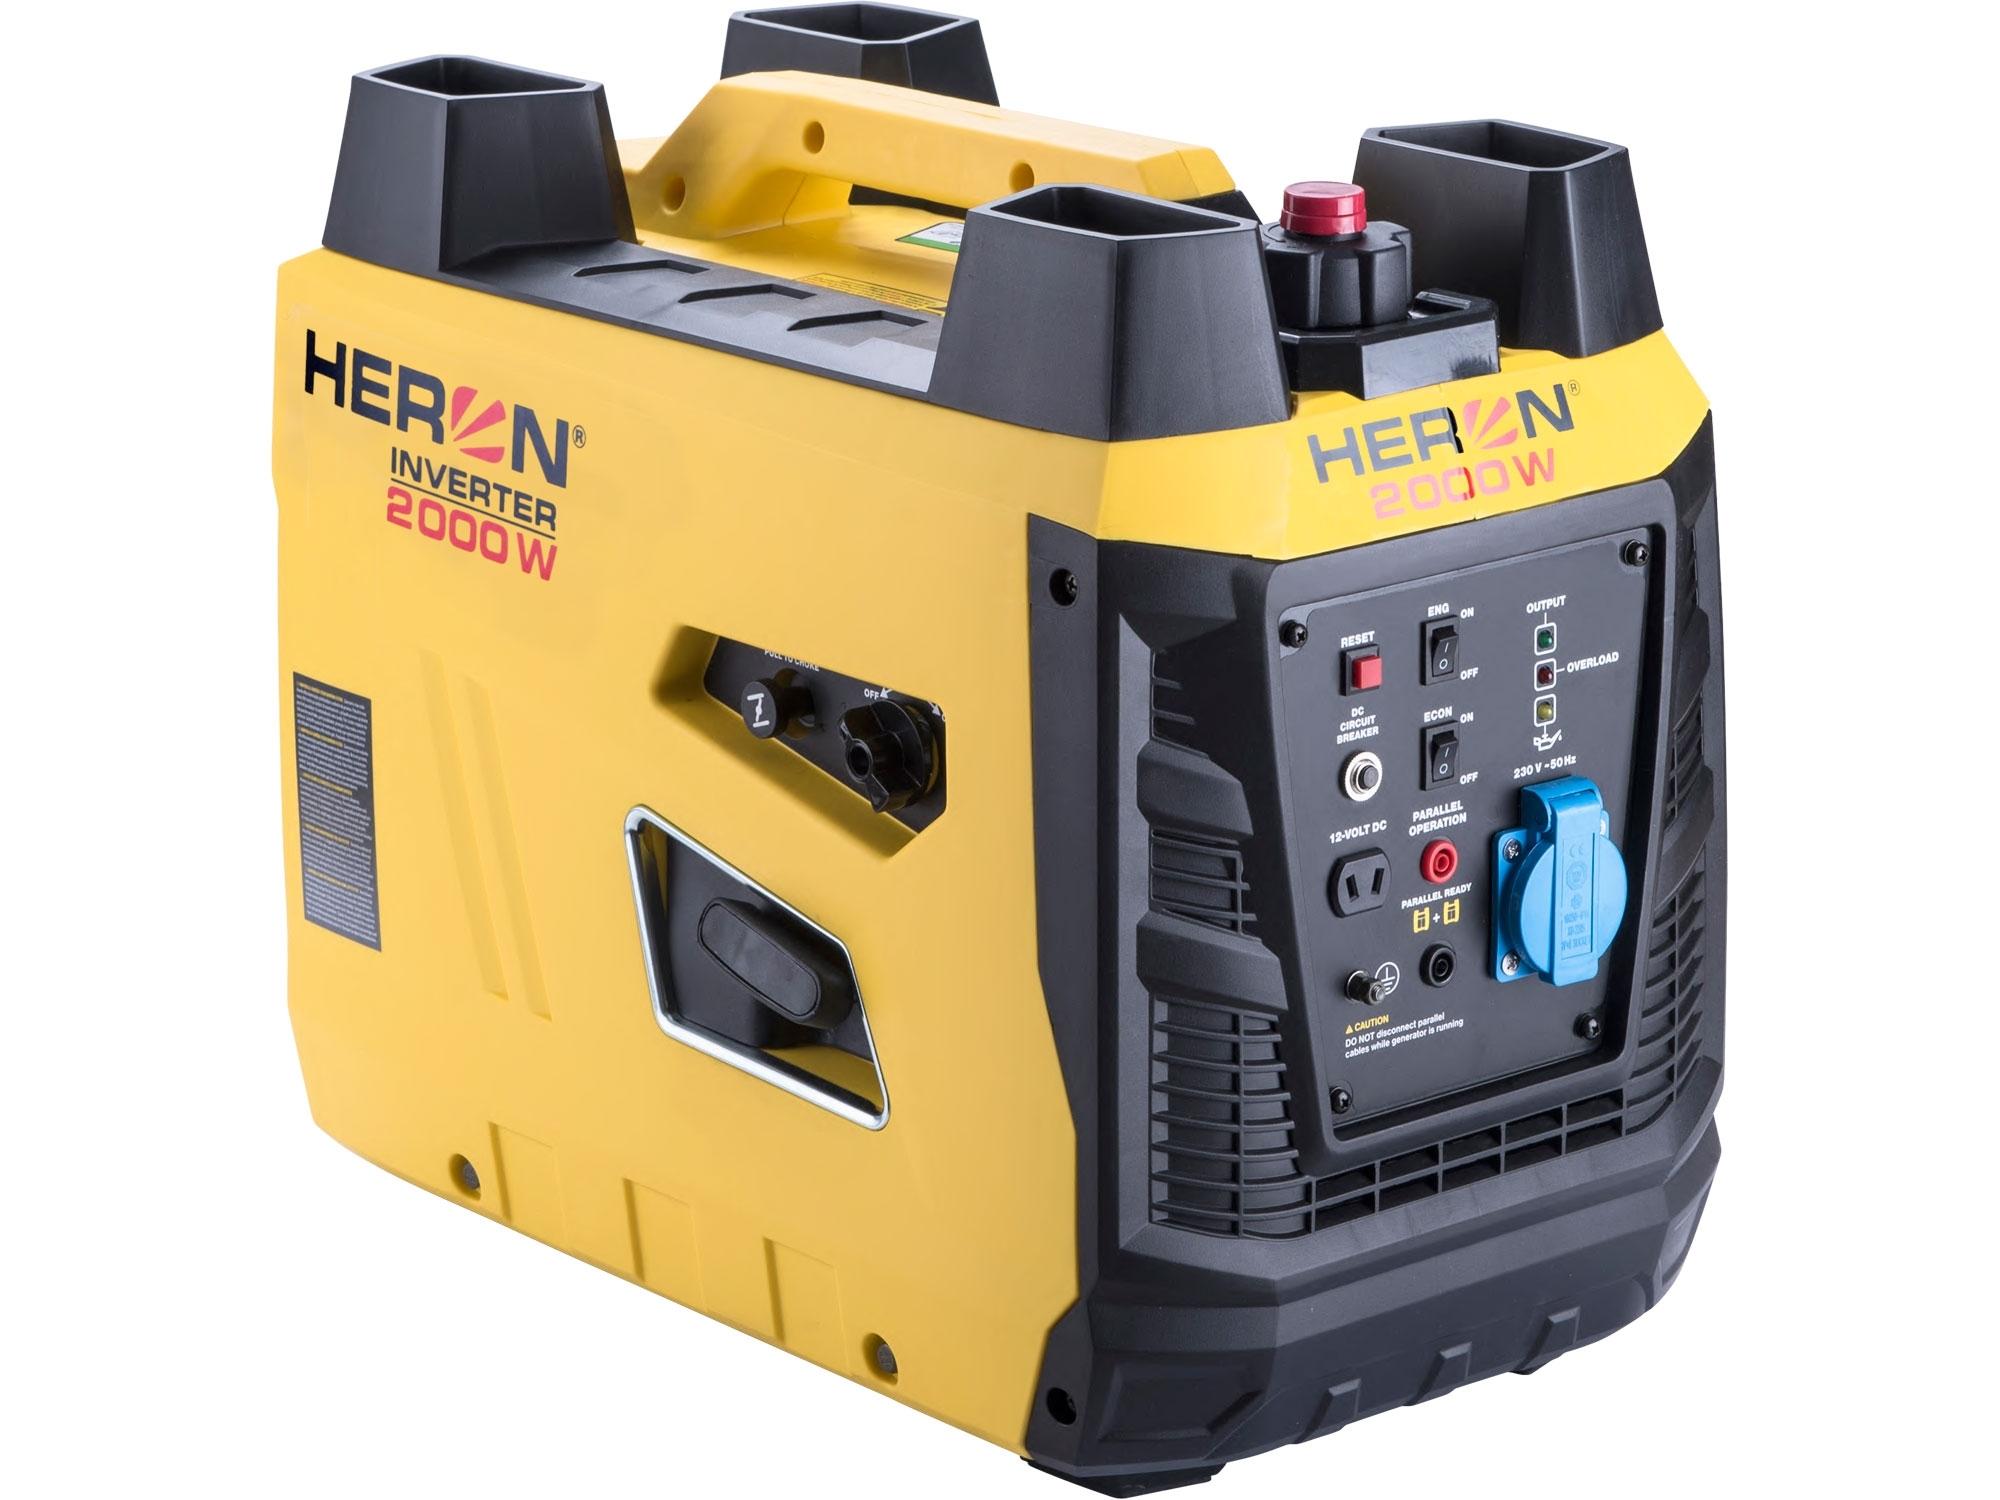 HERON elektrocentrála digitální invertorová 3,3HP/2kW